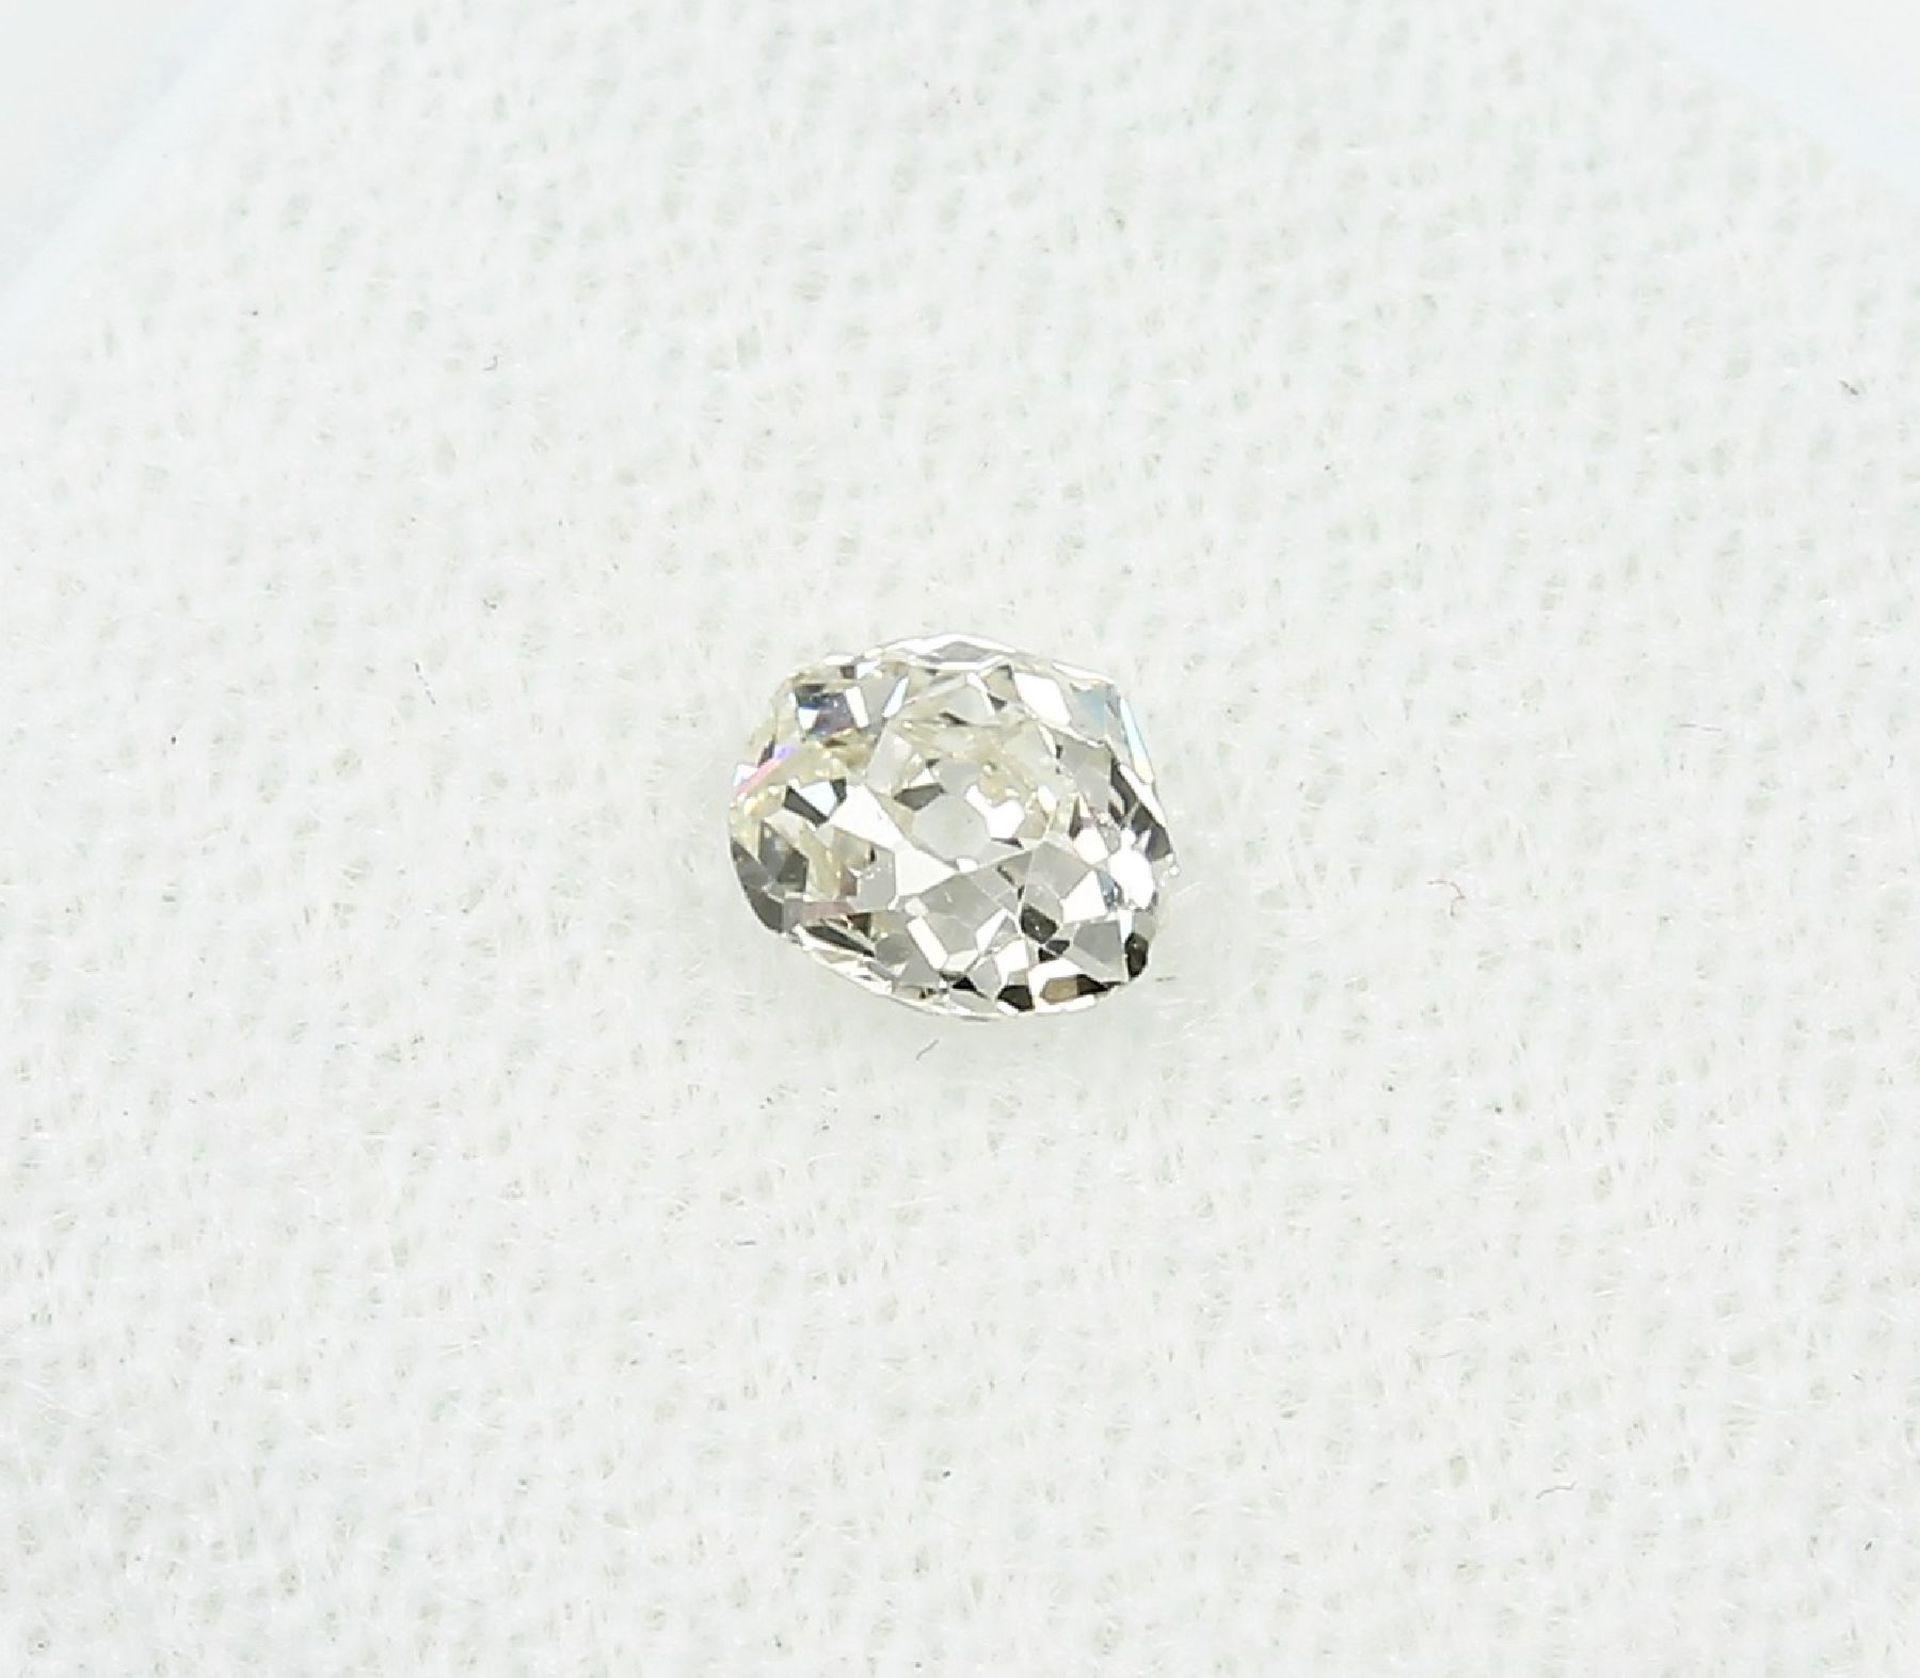 Loser Altschliffdiamant 0.45 ct get.Weiß/si Schätzpreis: 750, - EUR - Bild 2 aus 3